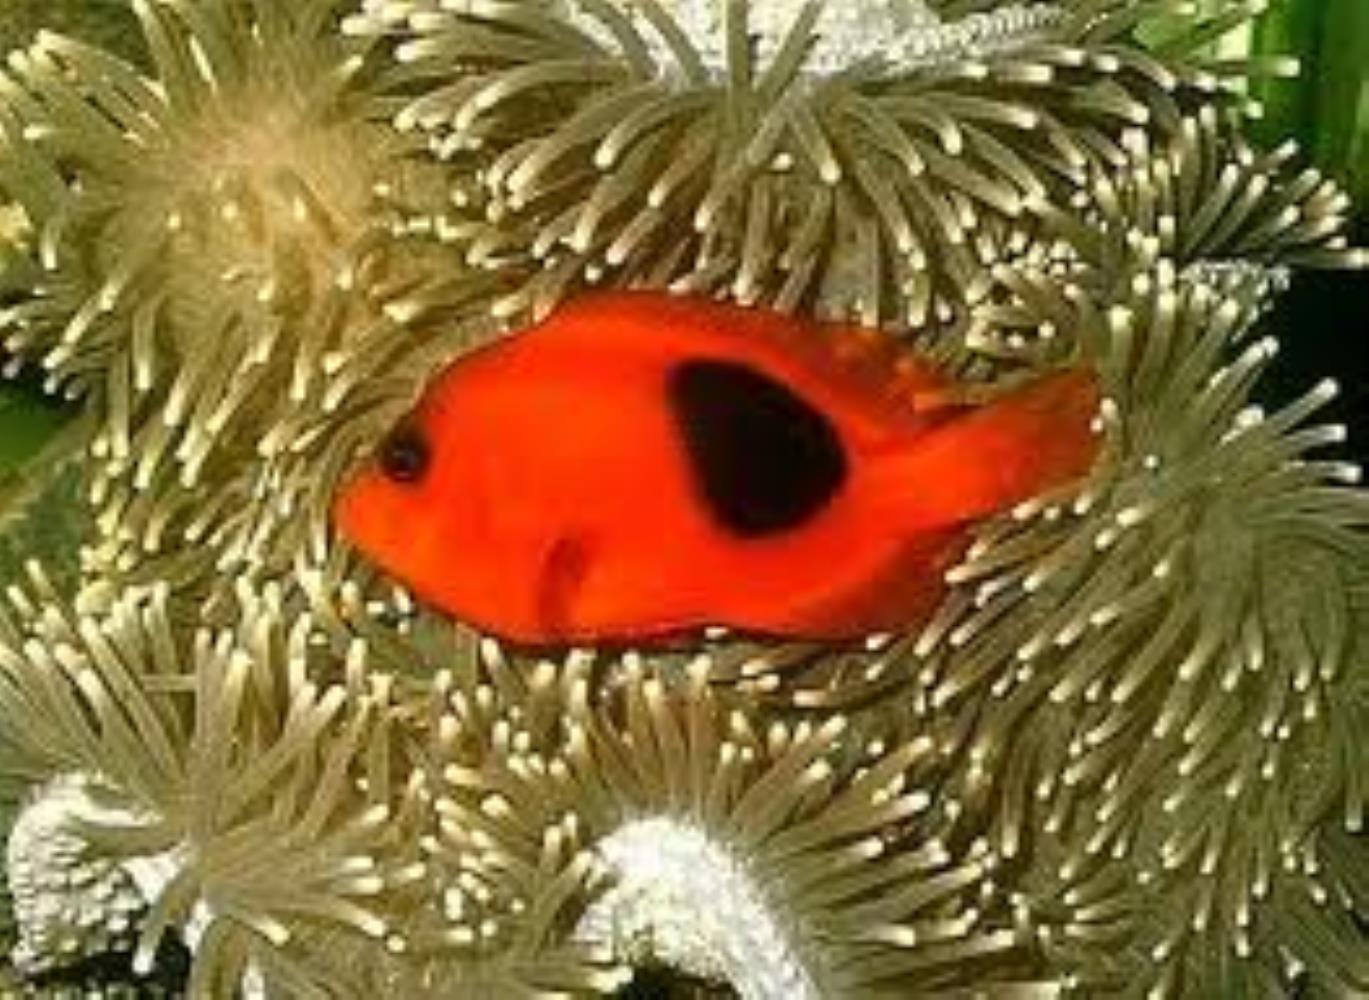 Saddle/ Red Saddleback Anemonefish